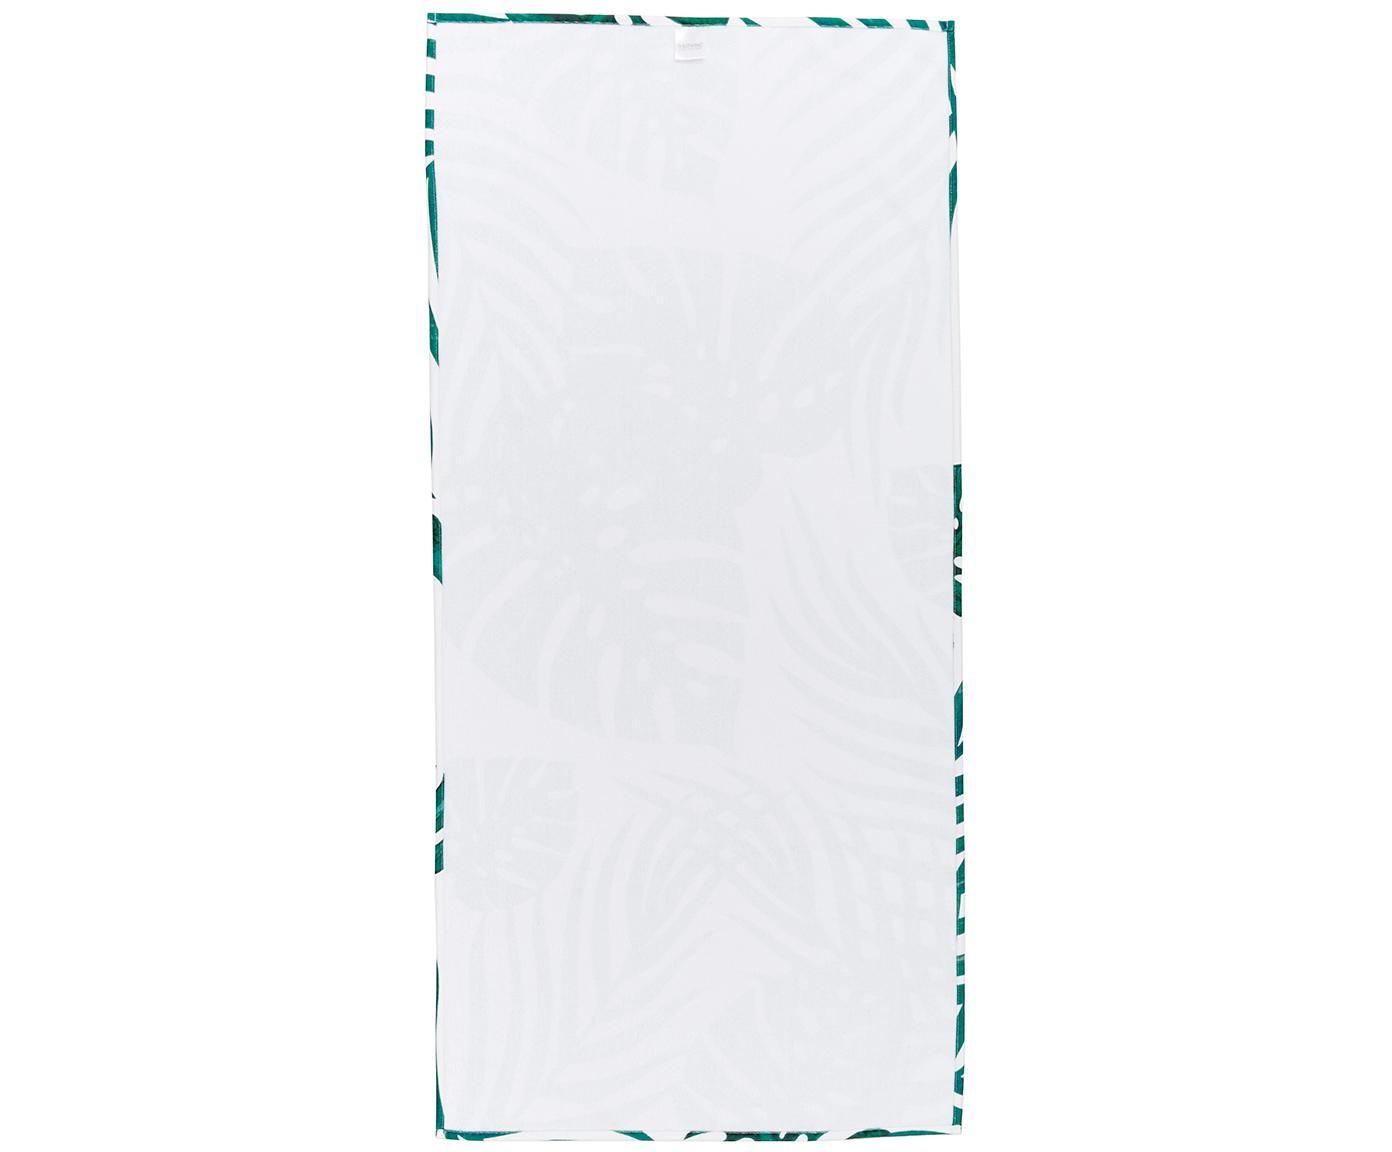 Leichtes Strandtuch Jungle mit tropischem Print, 55% Polyester, 45% Baumwolle Sehr leichte Qualität, 340 g/m², Weiß, Grün, 70 x 150 cm